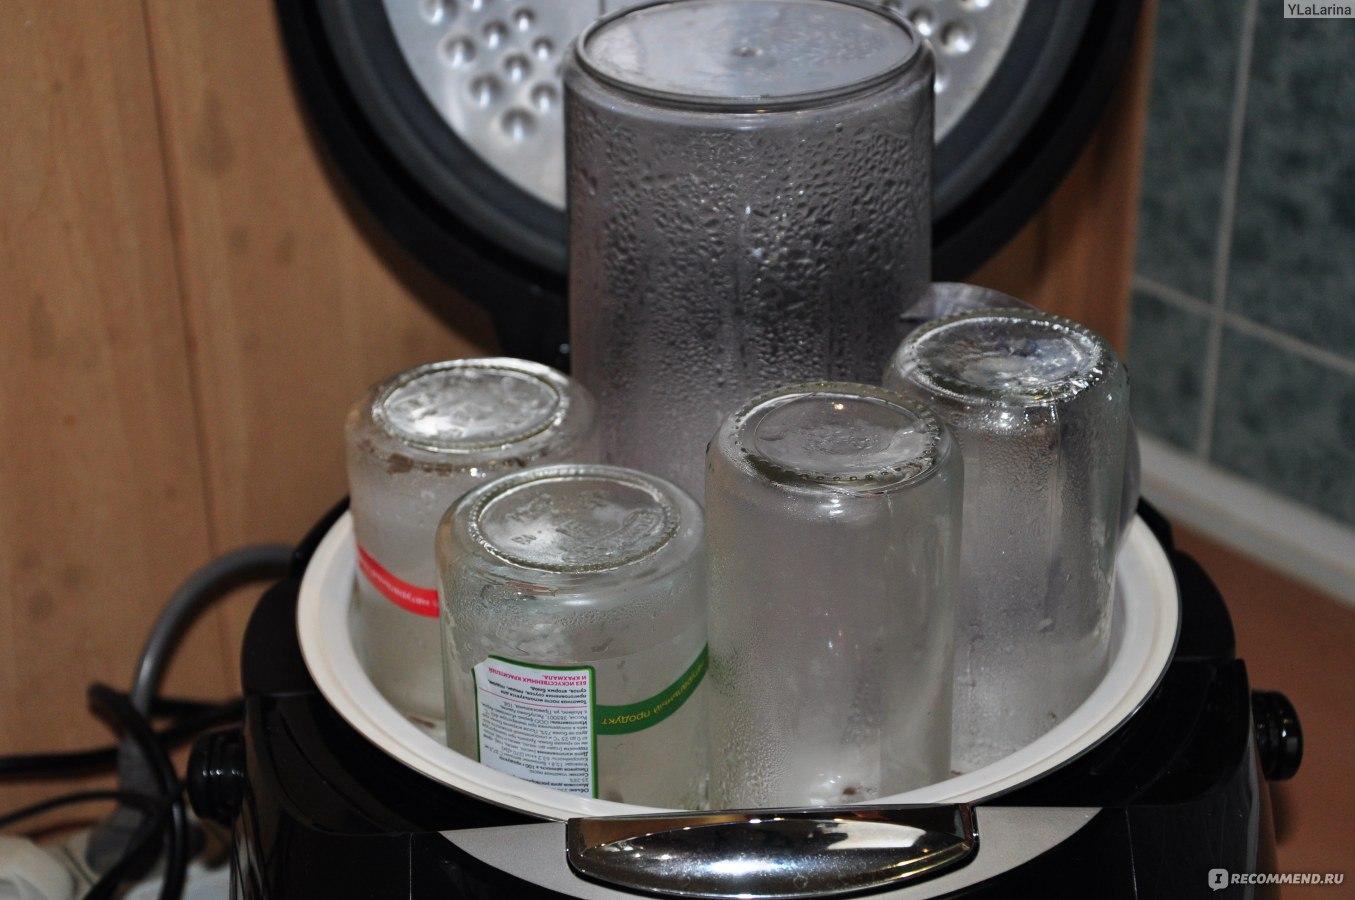 Как сделать йогурт из закваски эвиталия для йогуртниц